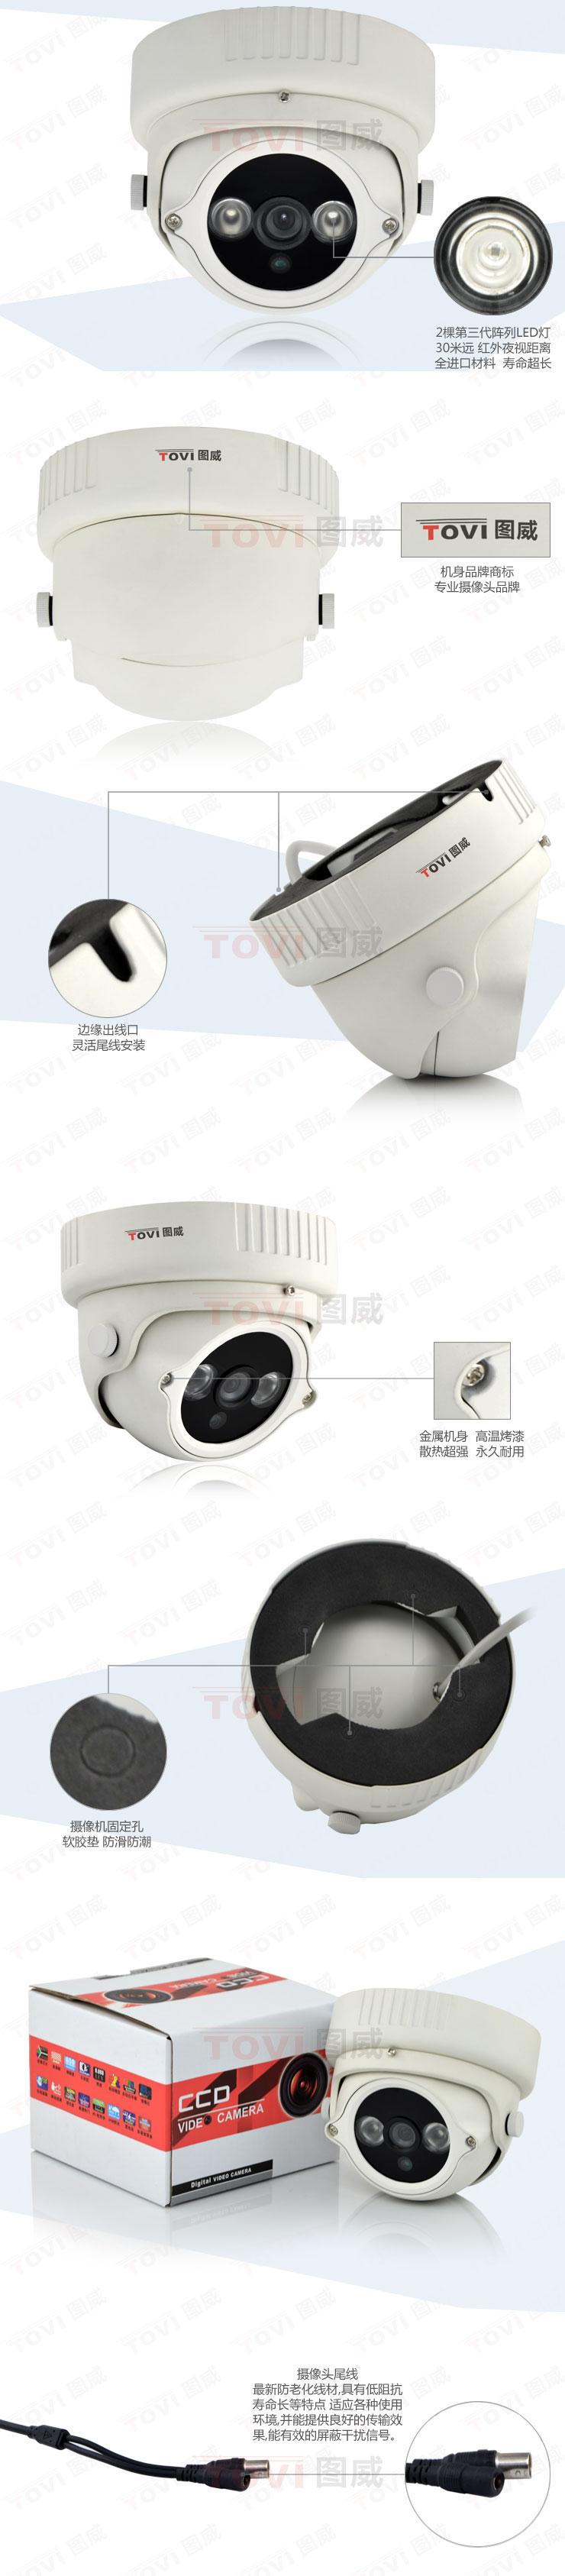 图威TV-CE2A15-IT3摄像机展示